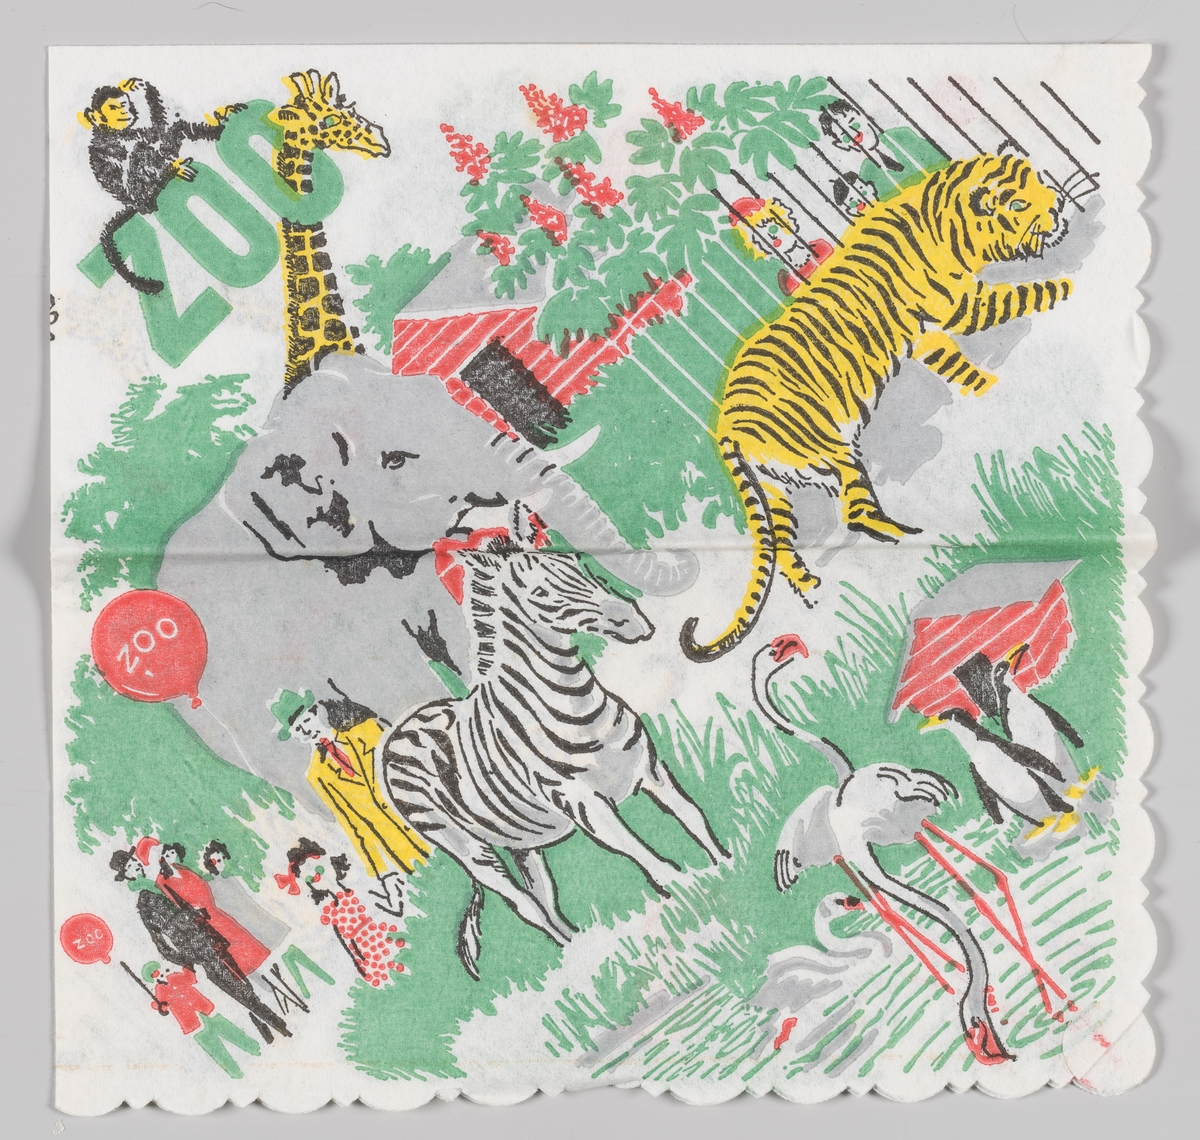 En scene fra en dyrehage med publikum og ape, giraff, elefant, sebra, tiger, pingviner, svane og flamingoer.